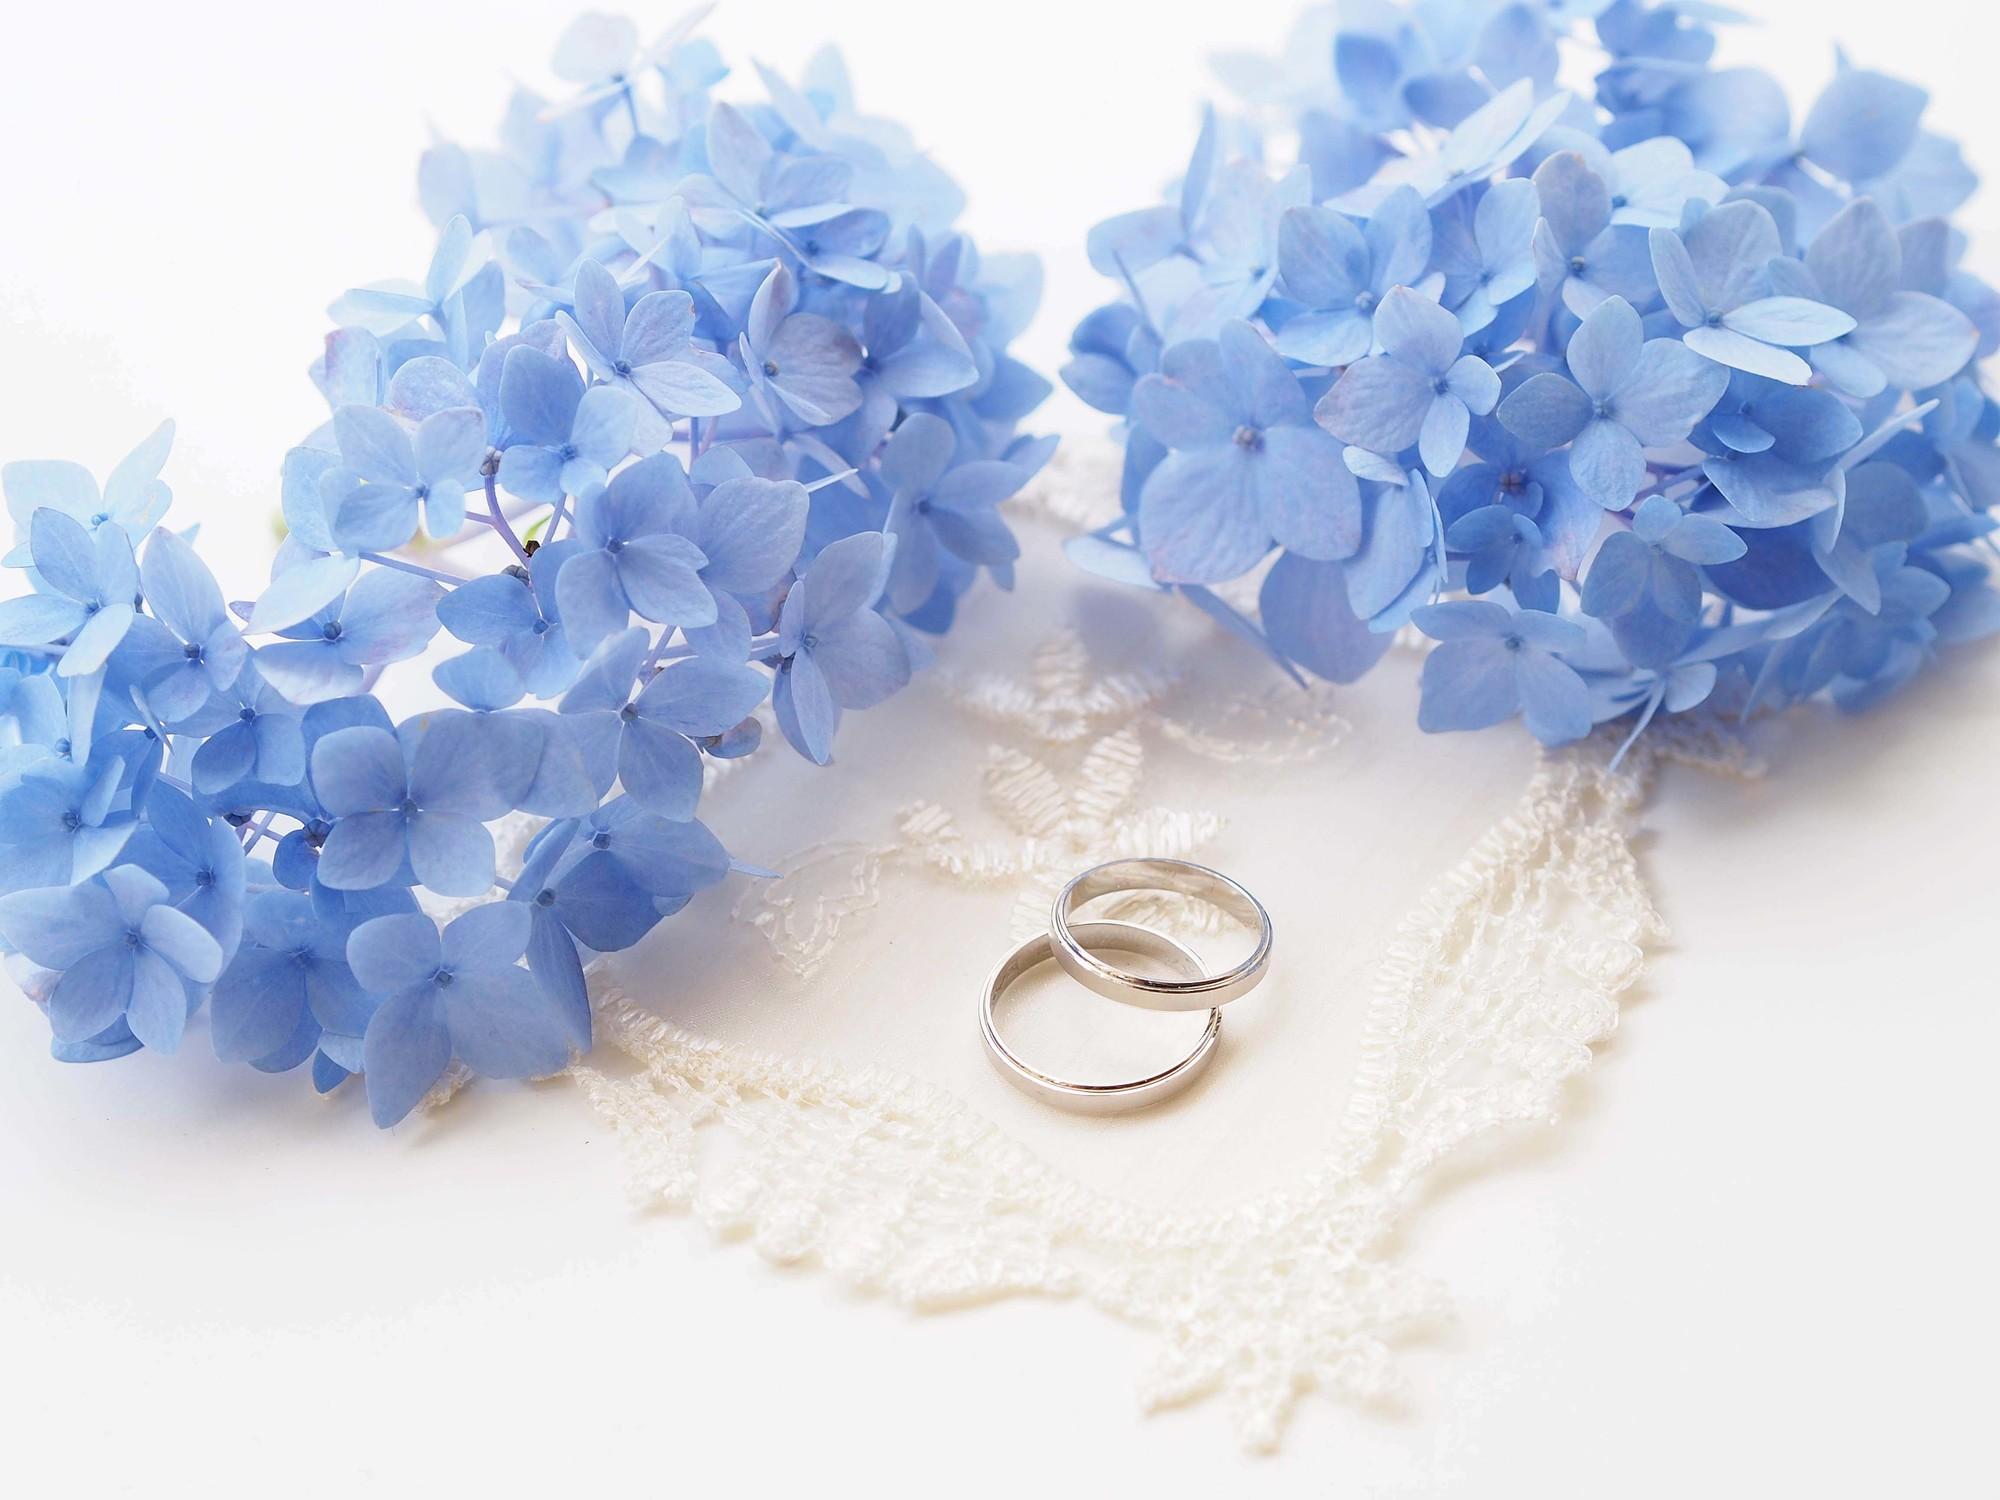 20代女性が選ぶべき結婚相手4つのポイント 指輪イメージ